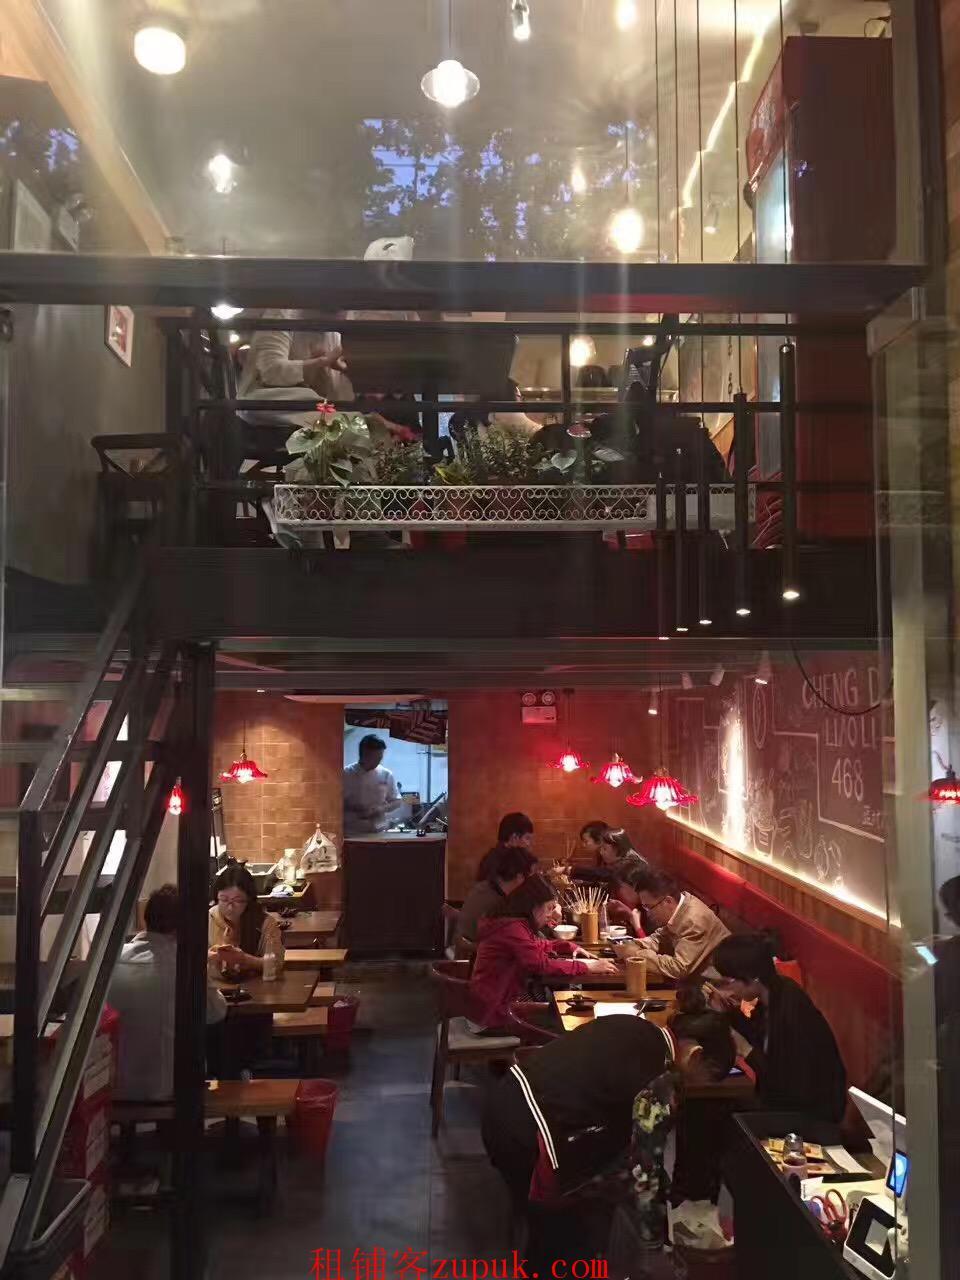 西华路康王北路沿街门面出租,可明火,可做快餐粉面麻辣烫面馆等